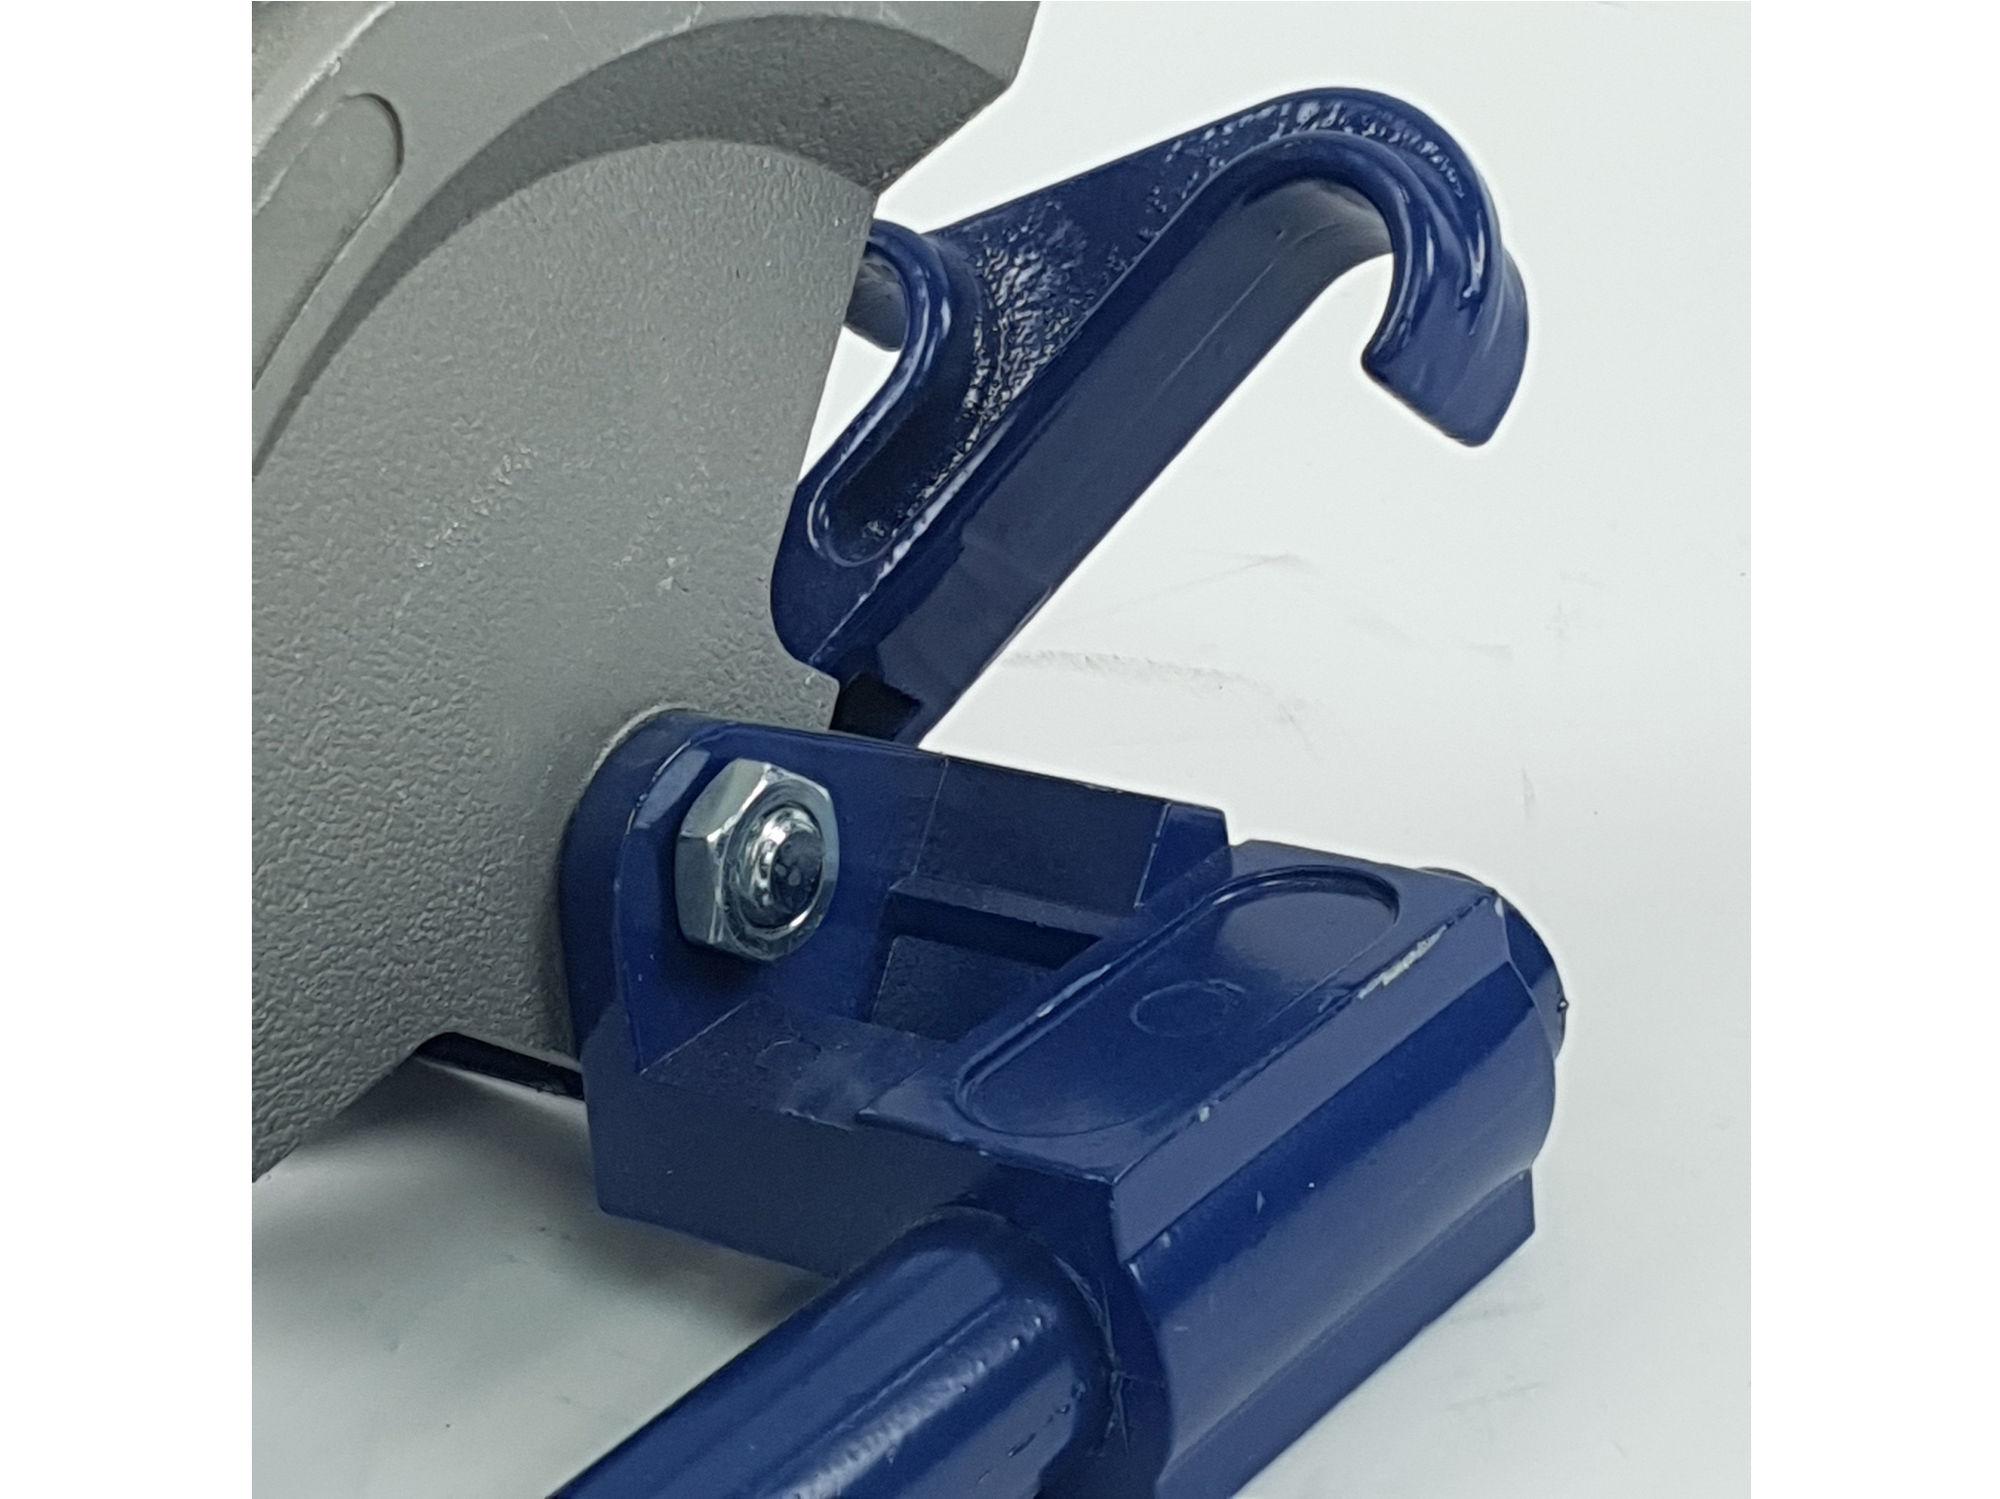 Dụng cụ uốn ống thép 90 độ 15mm - 22mm